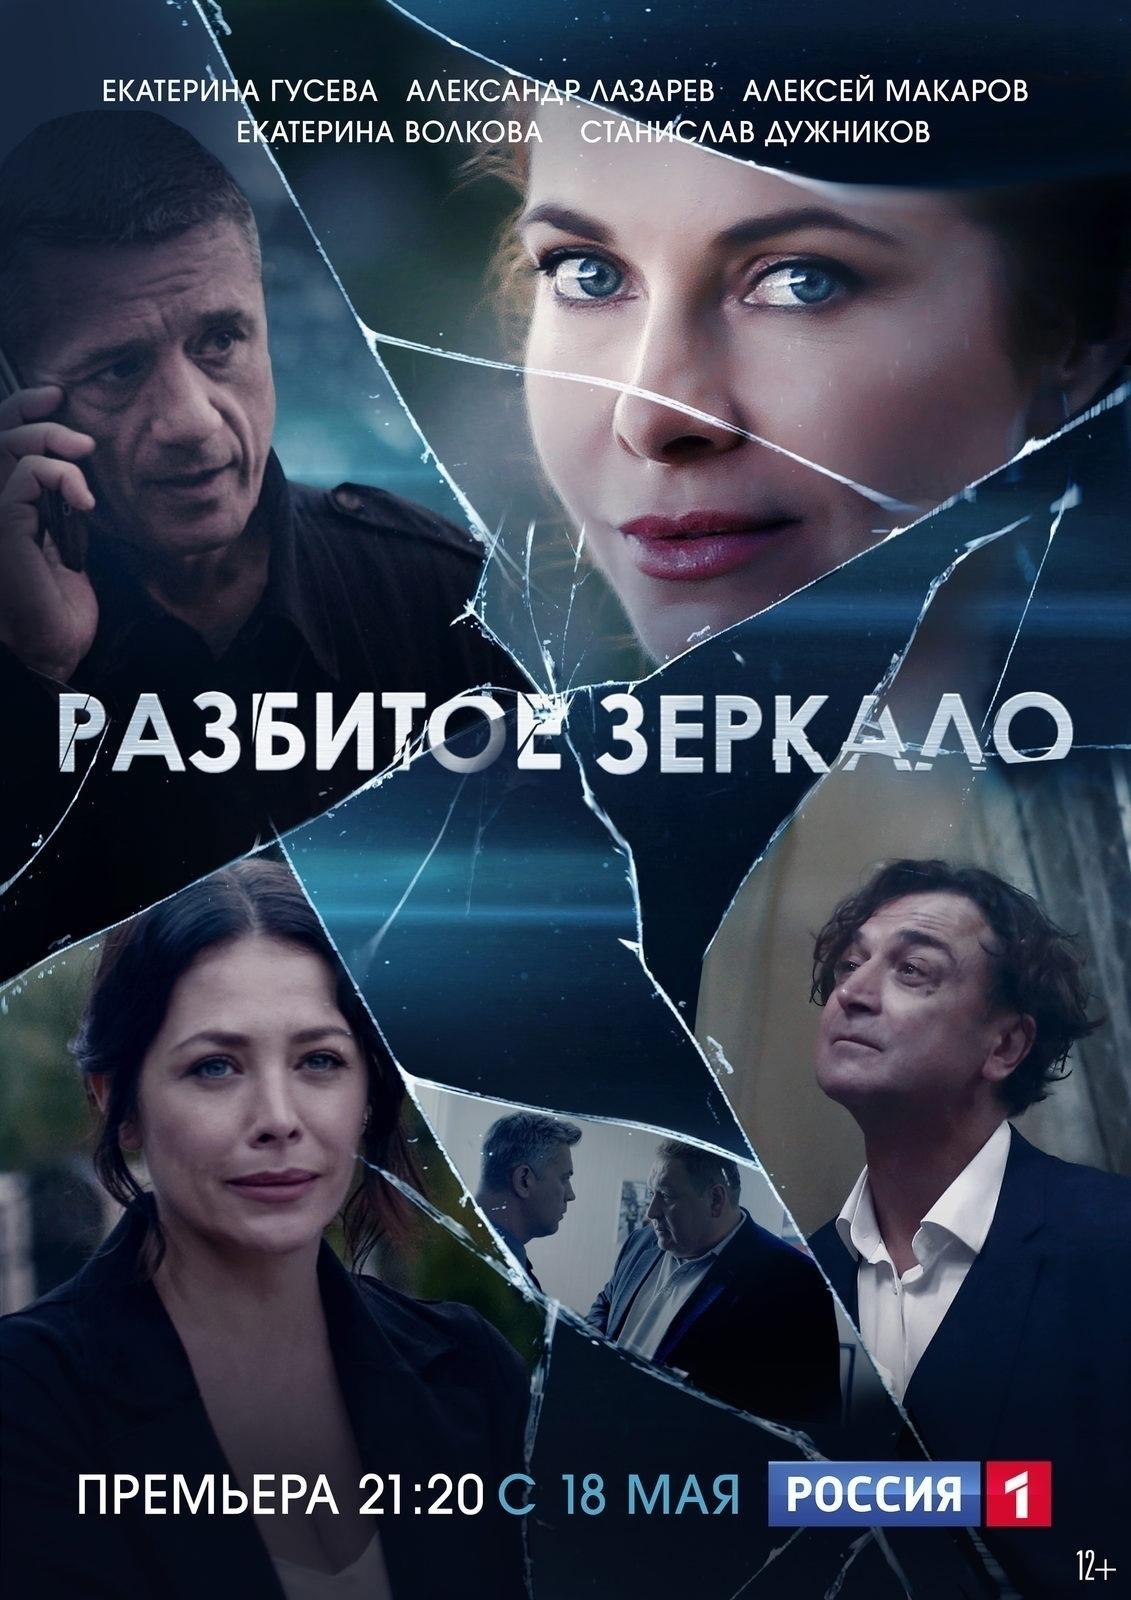 Триллер «Paзбитoe зepкaлo» (2020) 1-8 серия из 8 HD